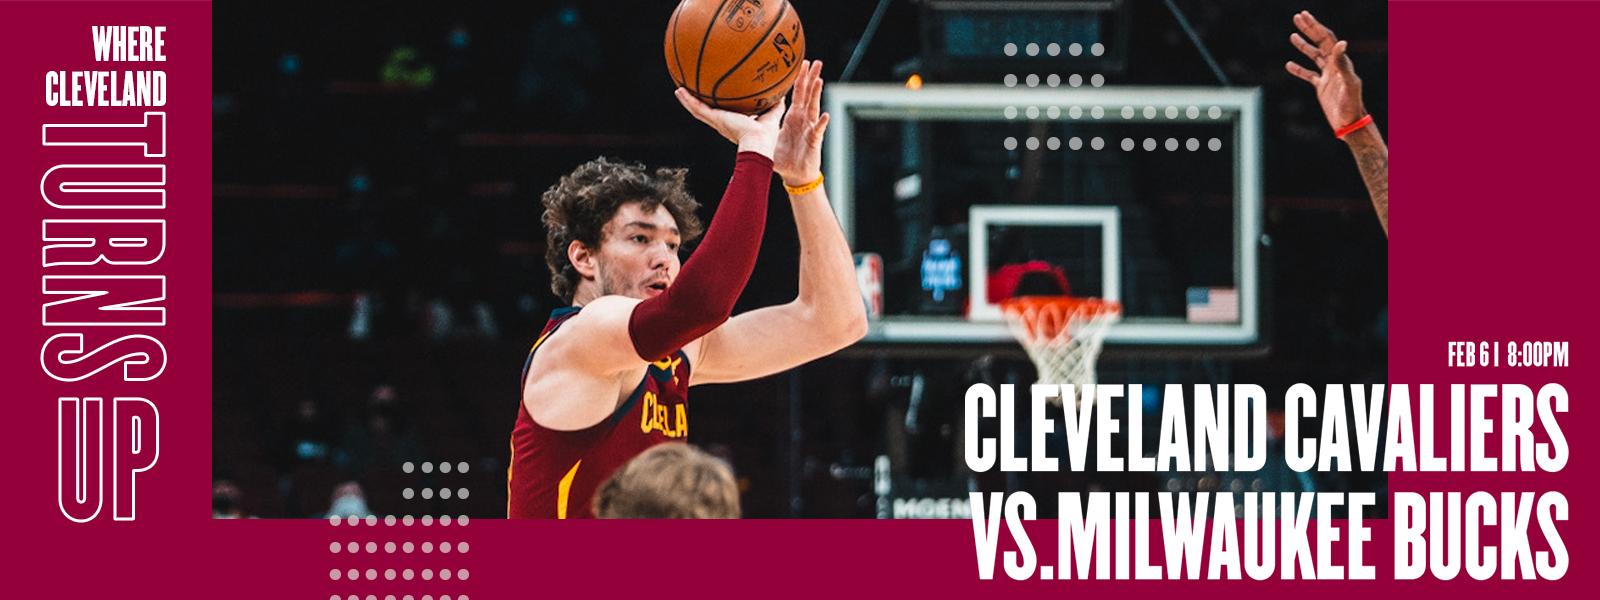 Cavaliers vs. Milwaukee Bucks